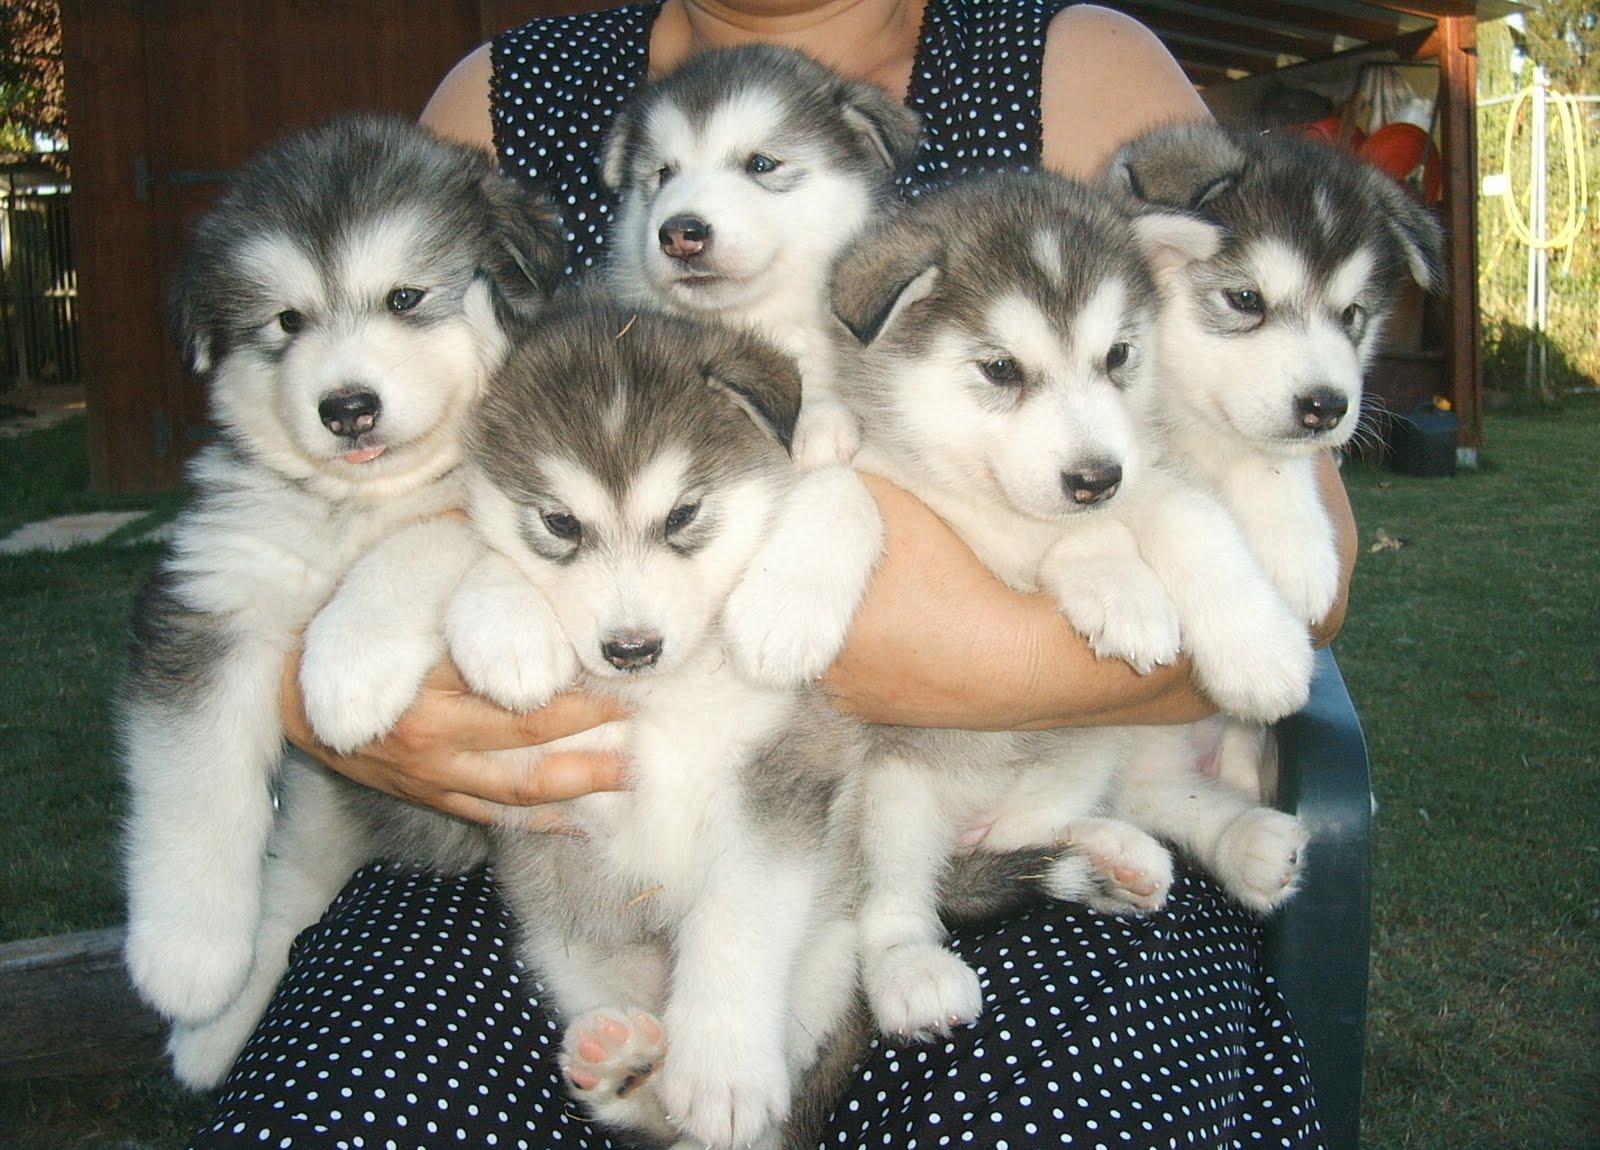 Alla Ricerca Del Siberian Husky Cerco Cucciolo Di Razza In Regalo